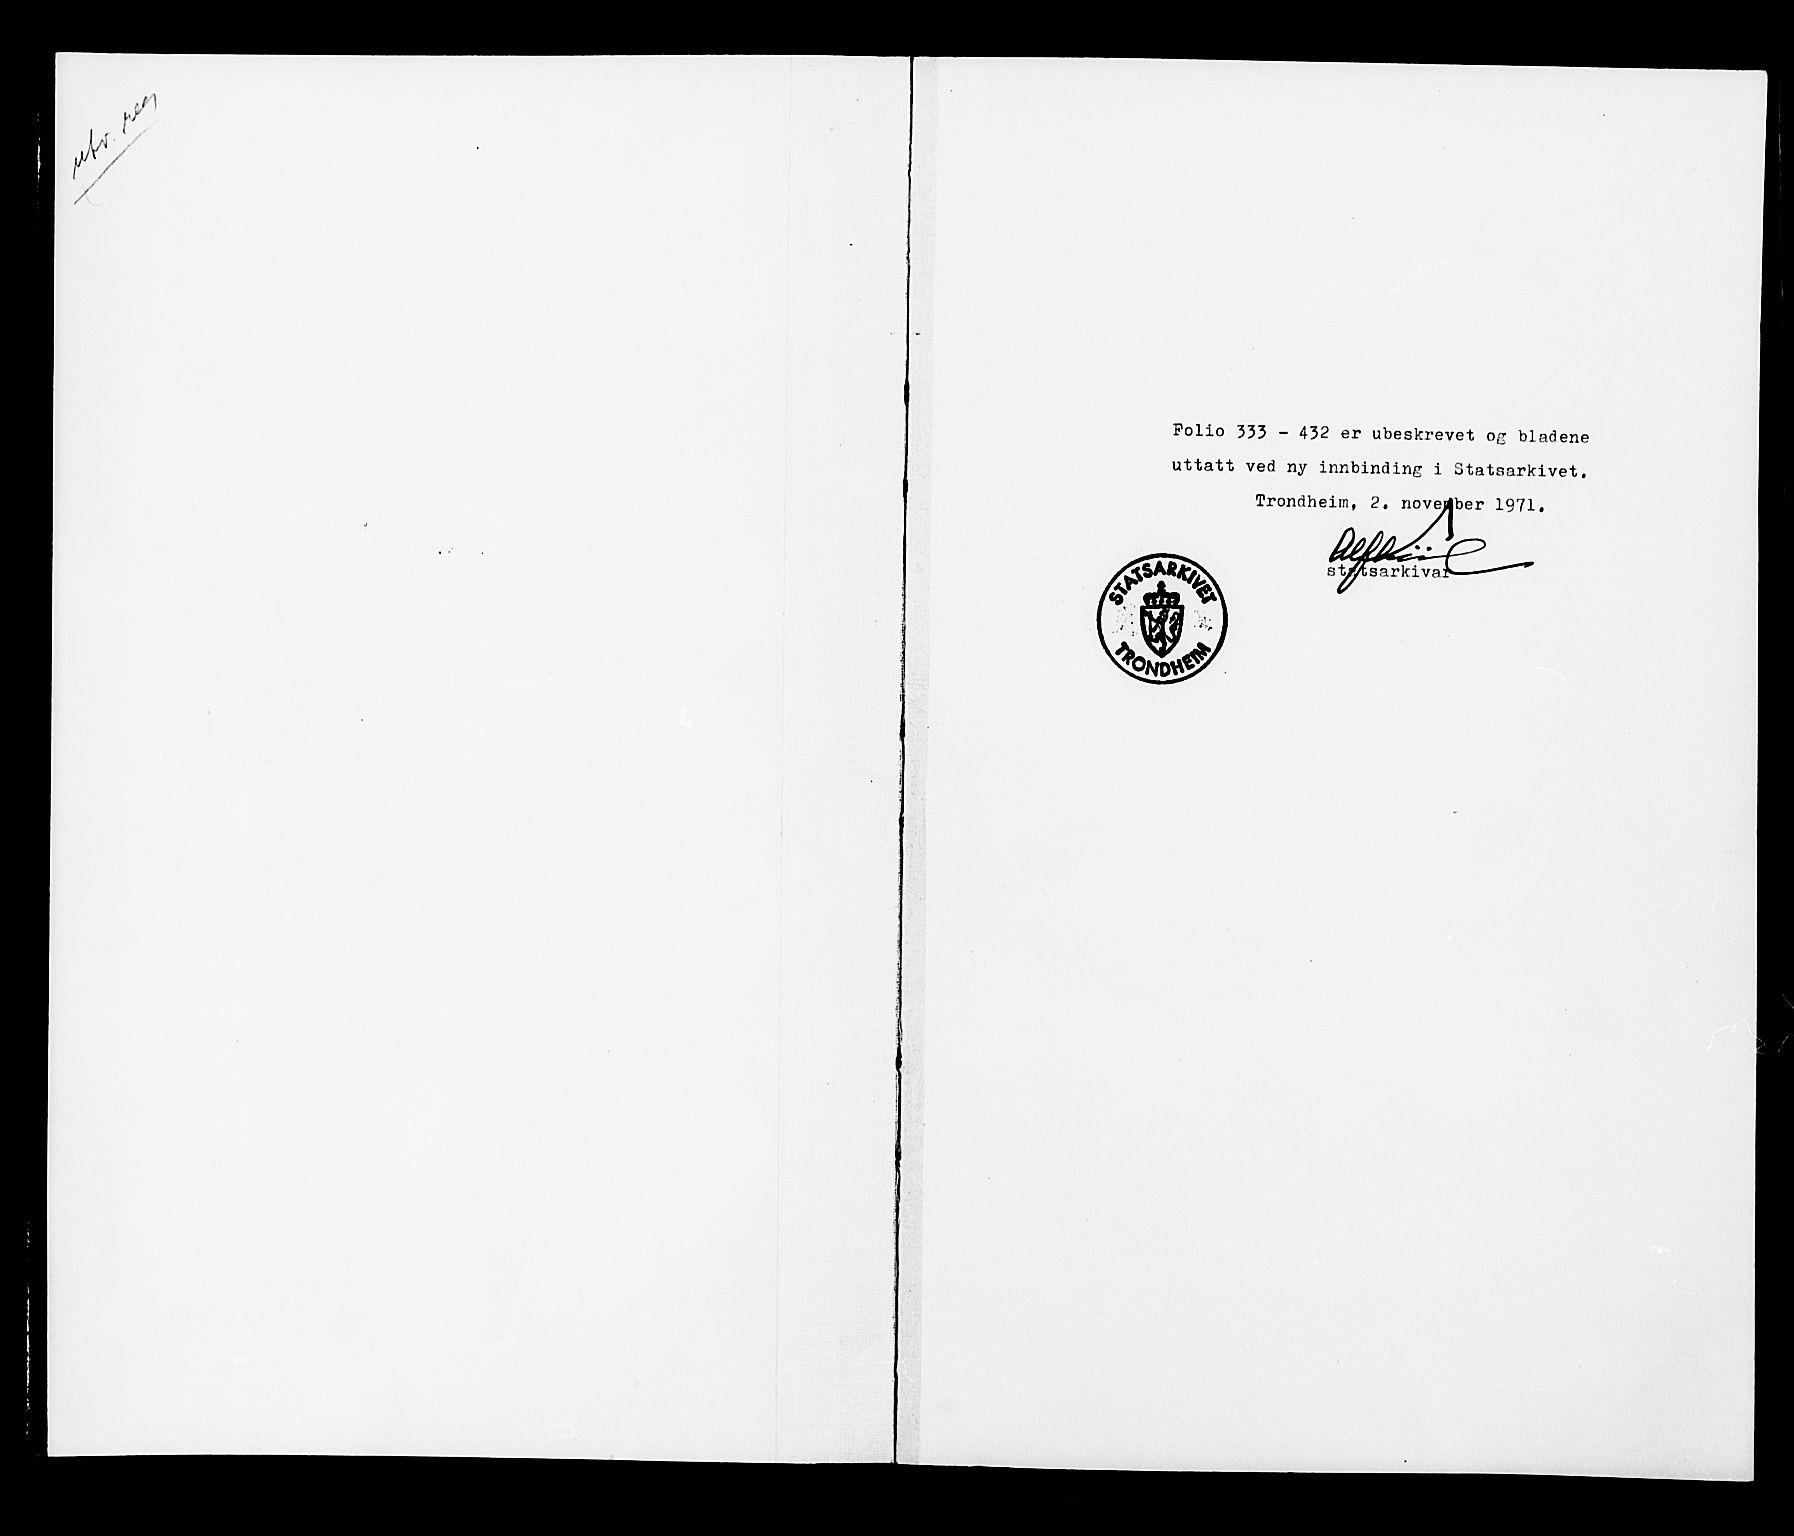 SAT, Ministerialprotokoller, klokkerbøker og fødselsregistre - Nord-Trøndelag, 749/L0473: Ministerialbok nr. 749A07, 1873-1887